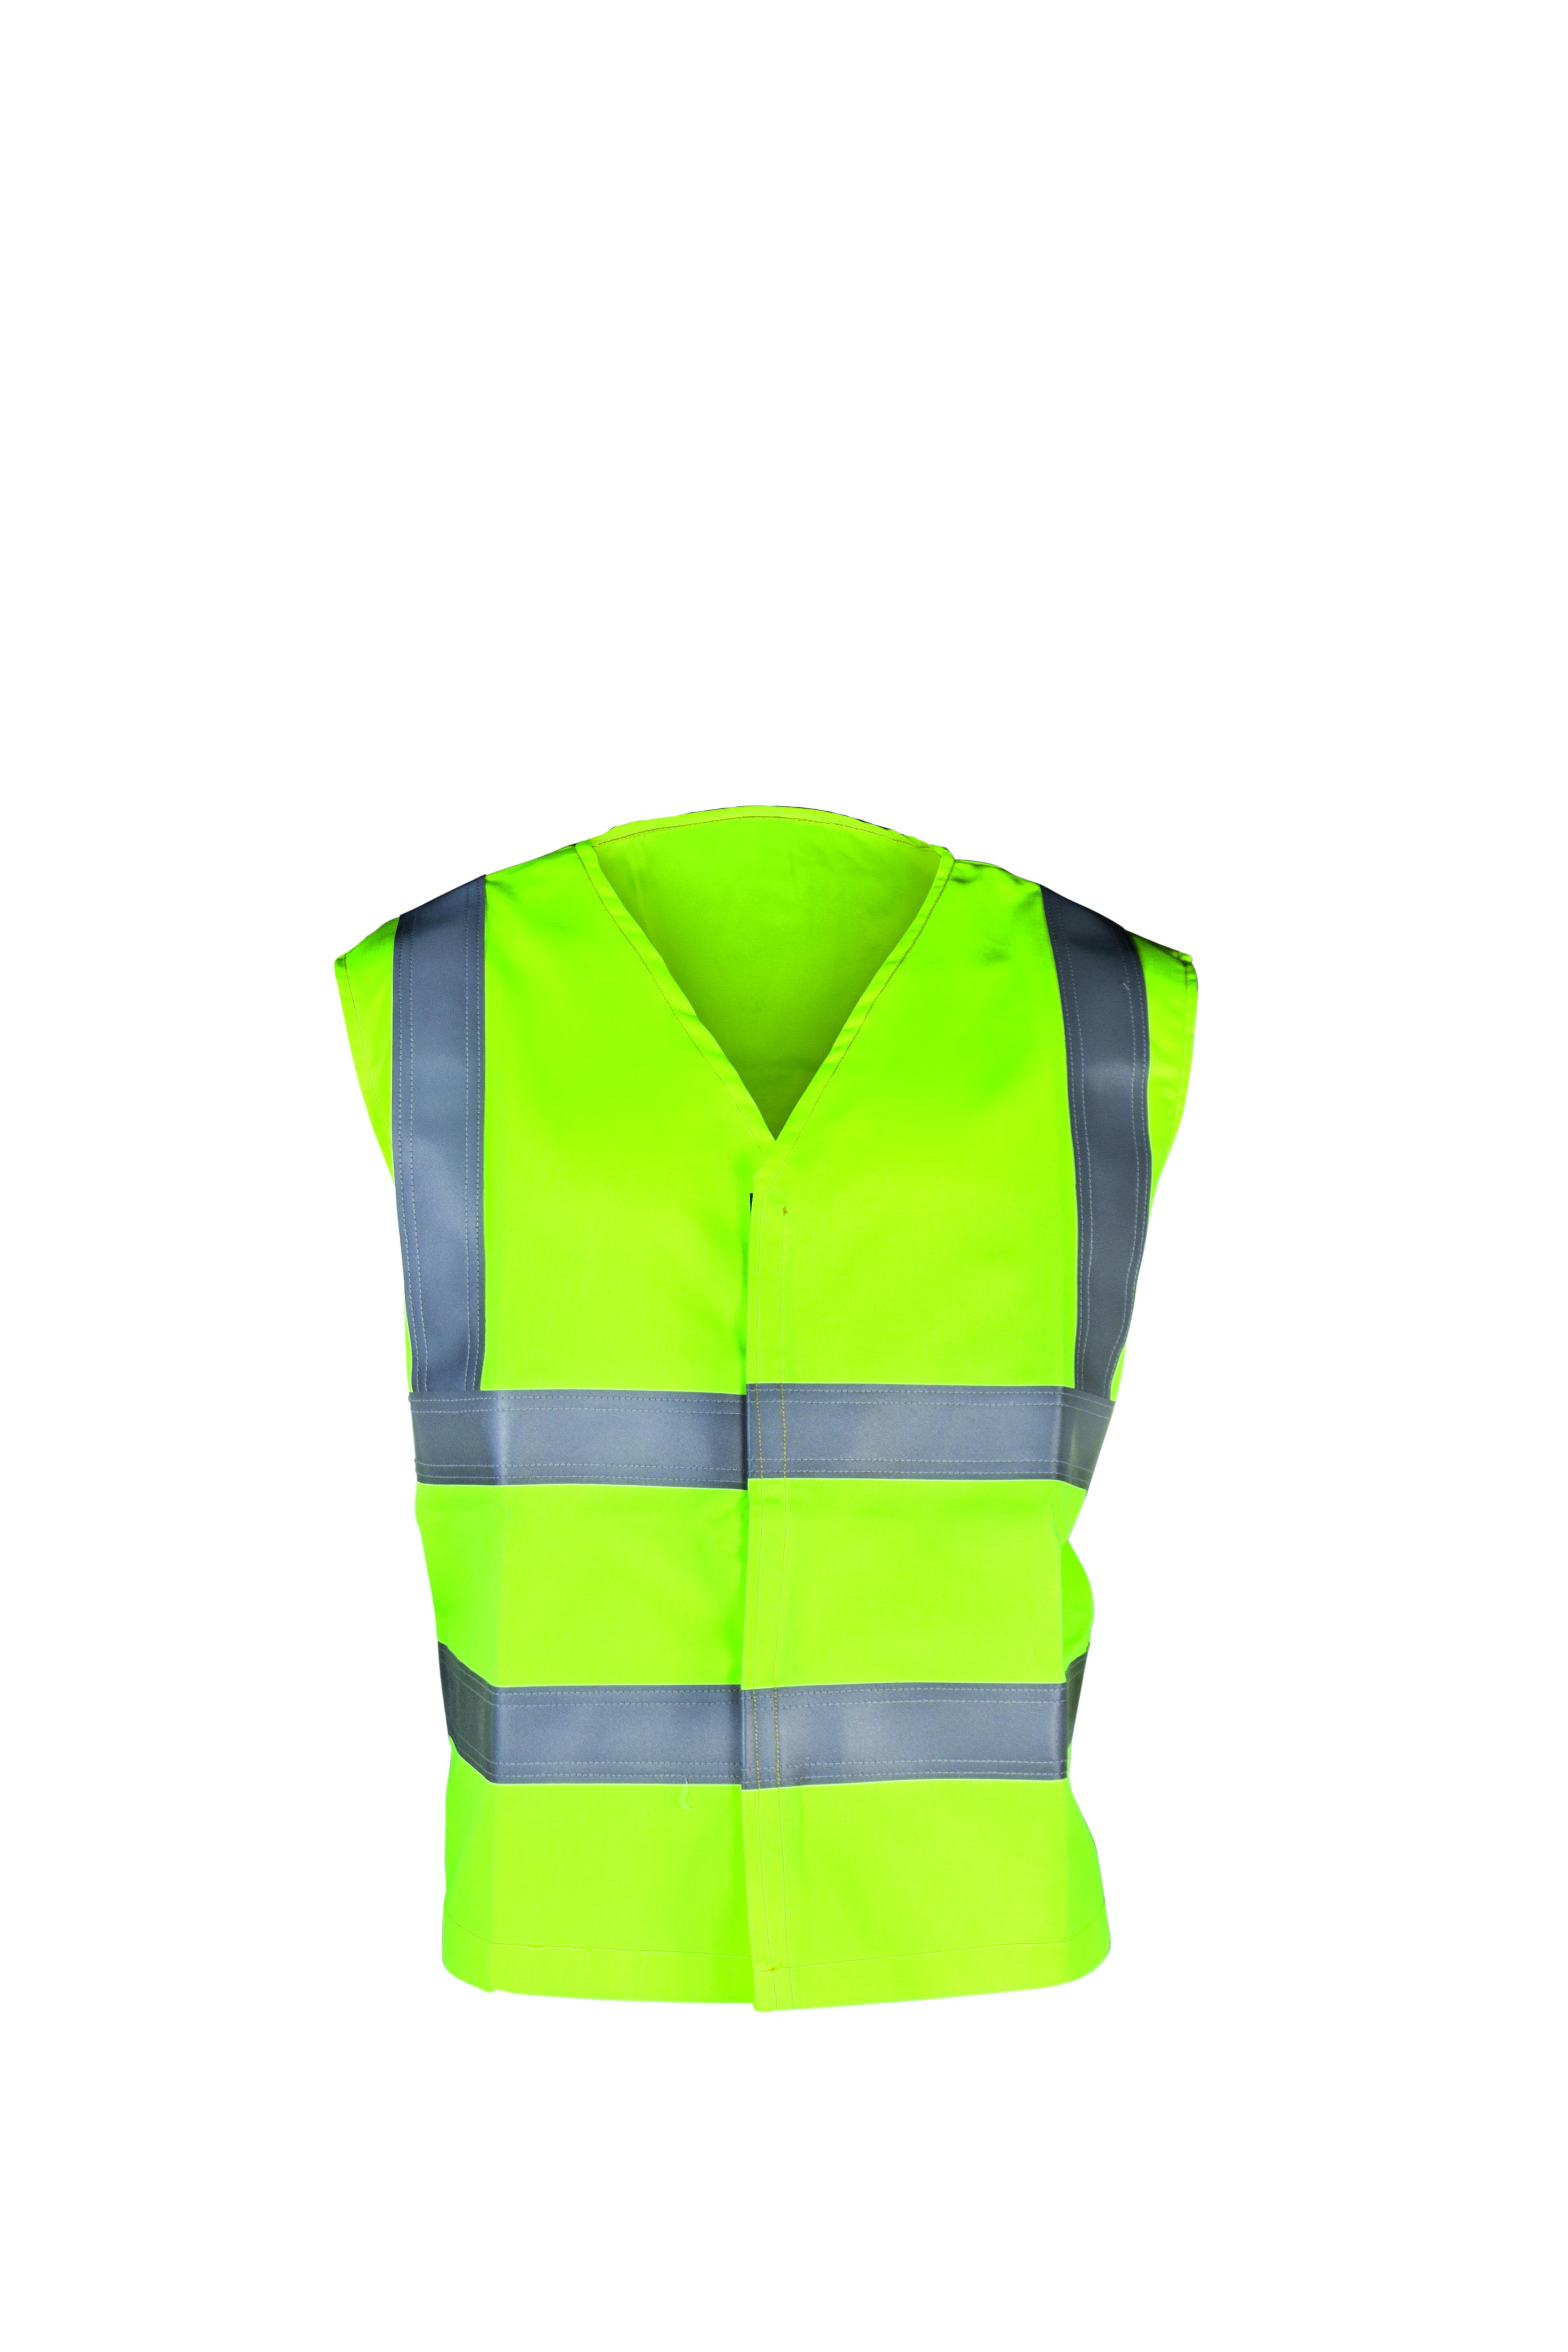 V712 - FR Antistatic vest hi-visibility Image